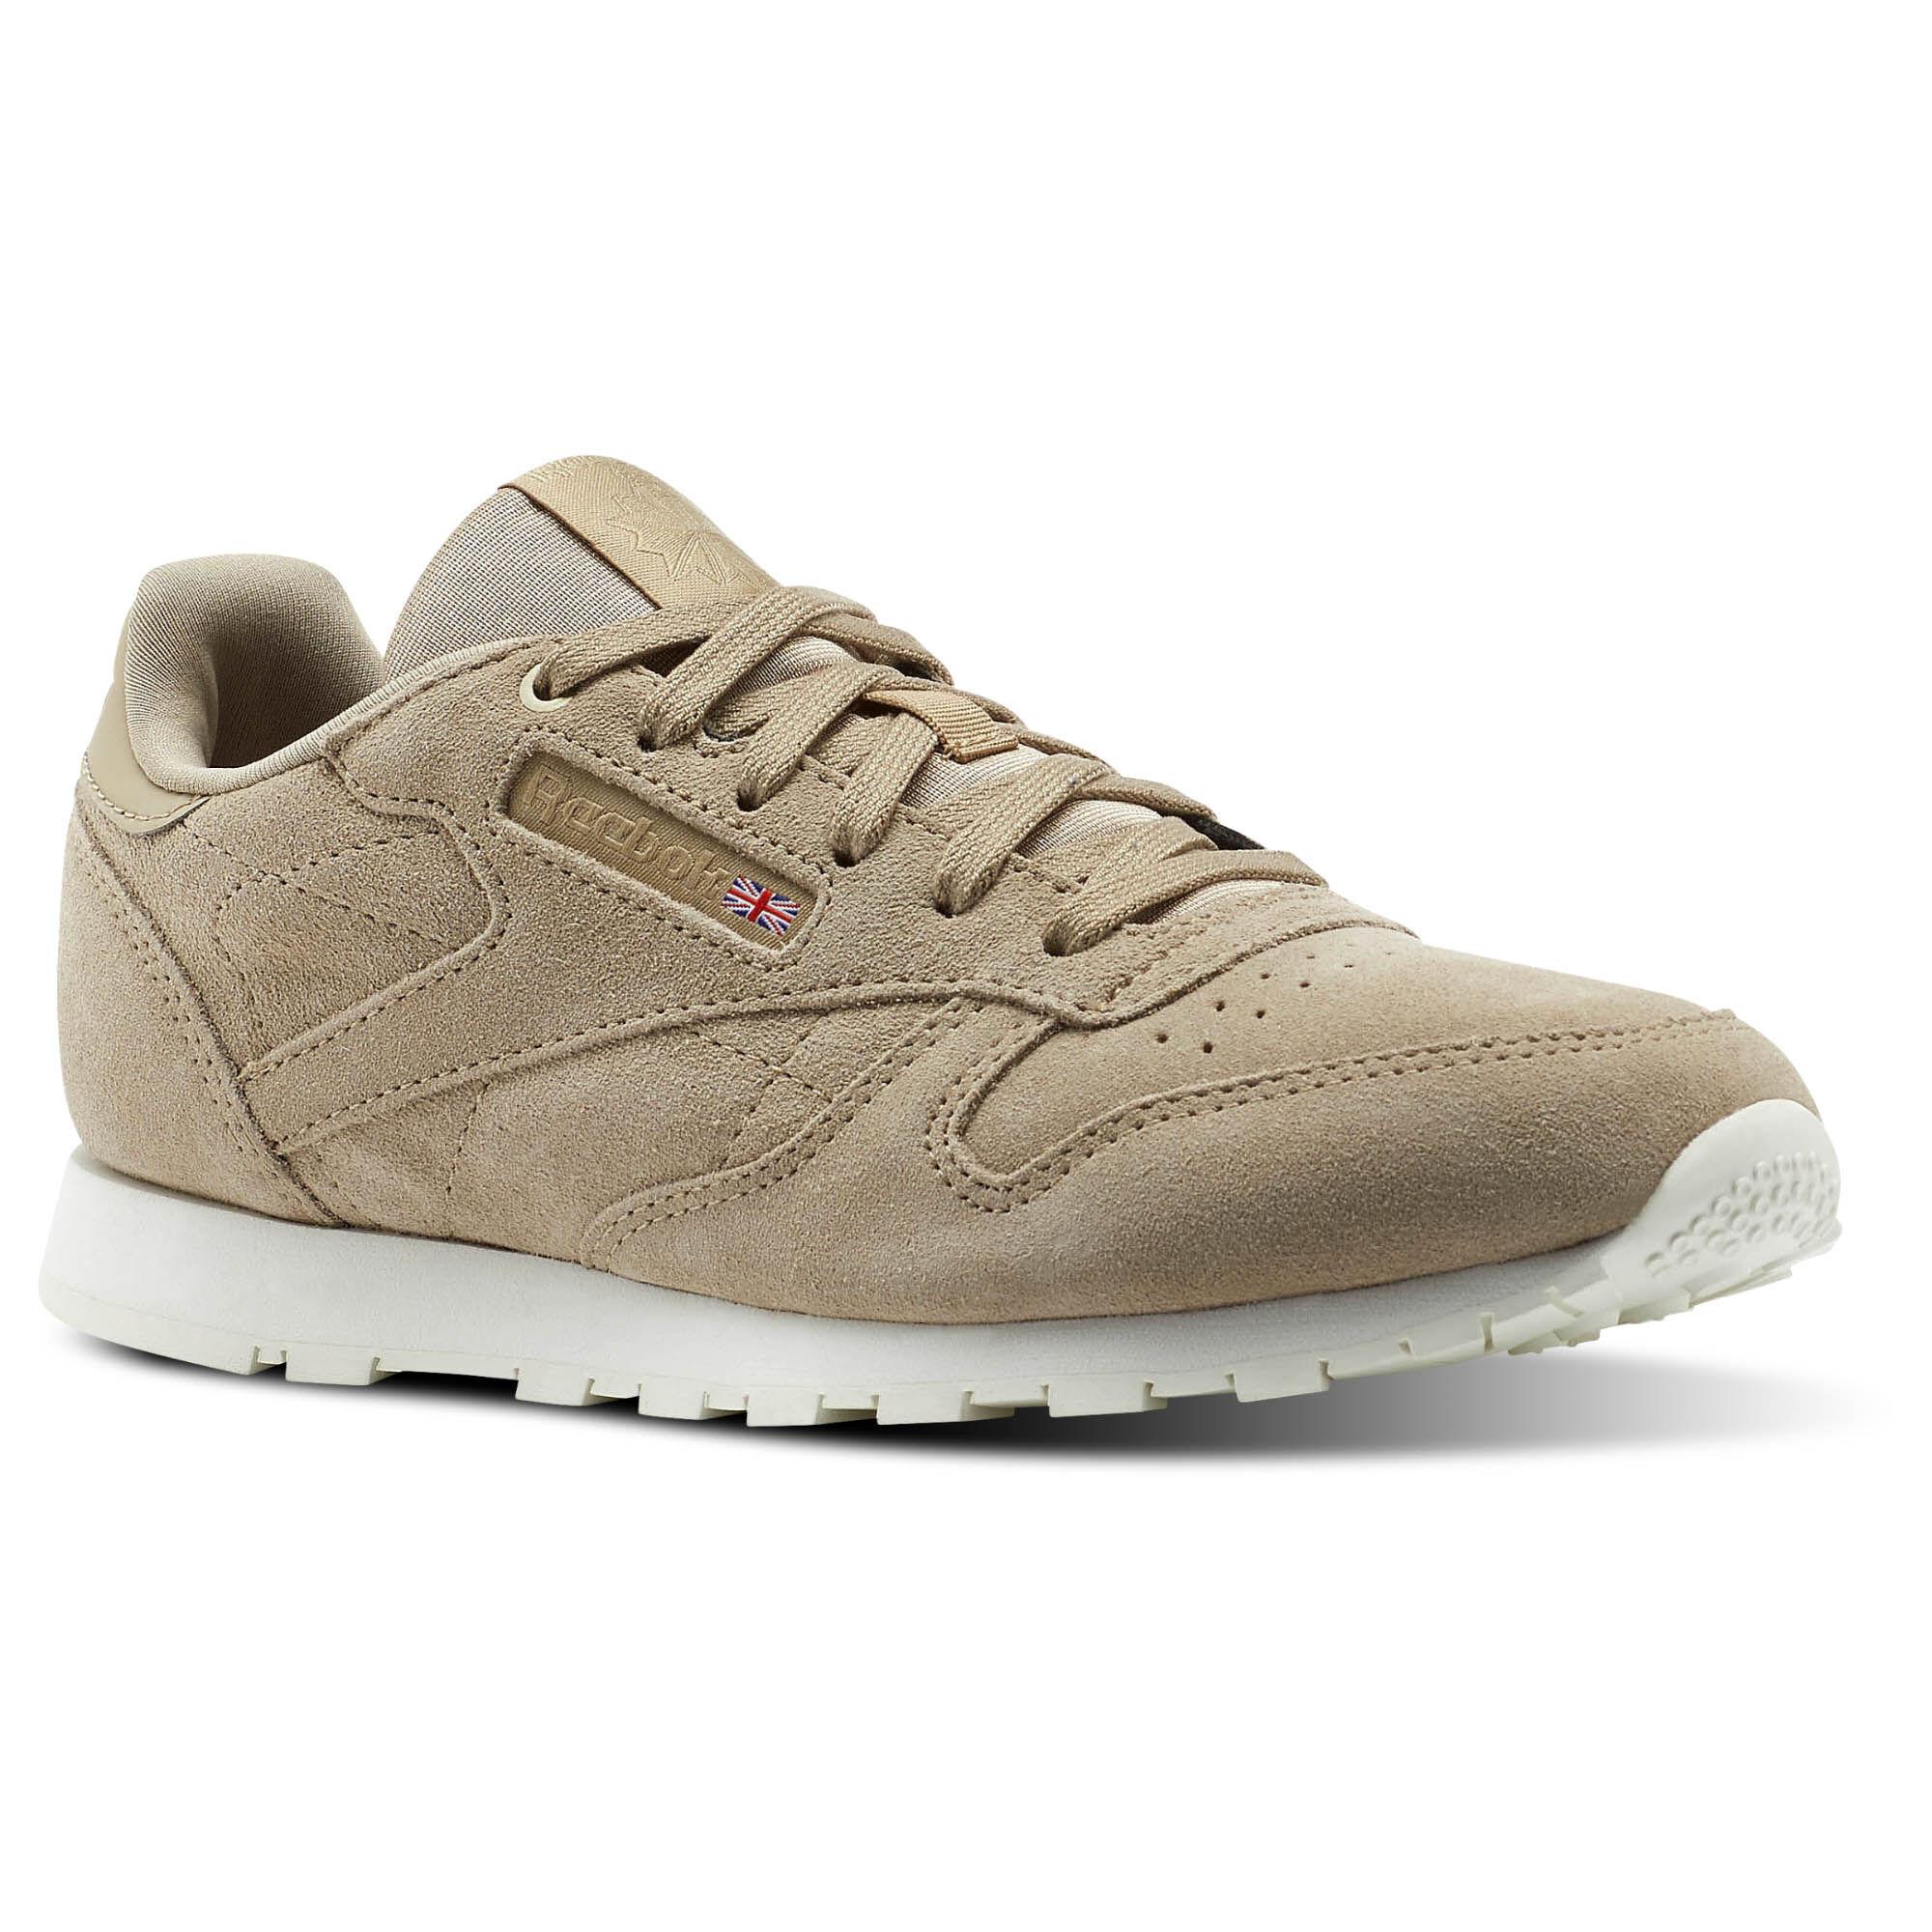 Reebok Cl Sneaker En Cuir Mcc Lo Schoenen Paris / Craie Paris / Craie mYg5iNY